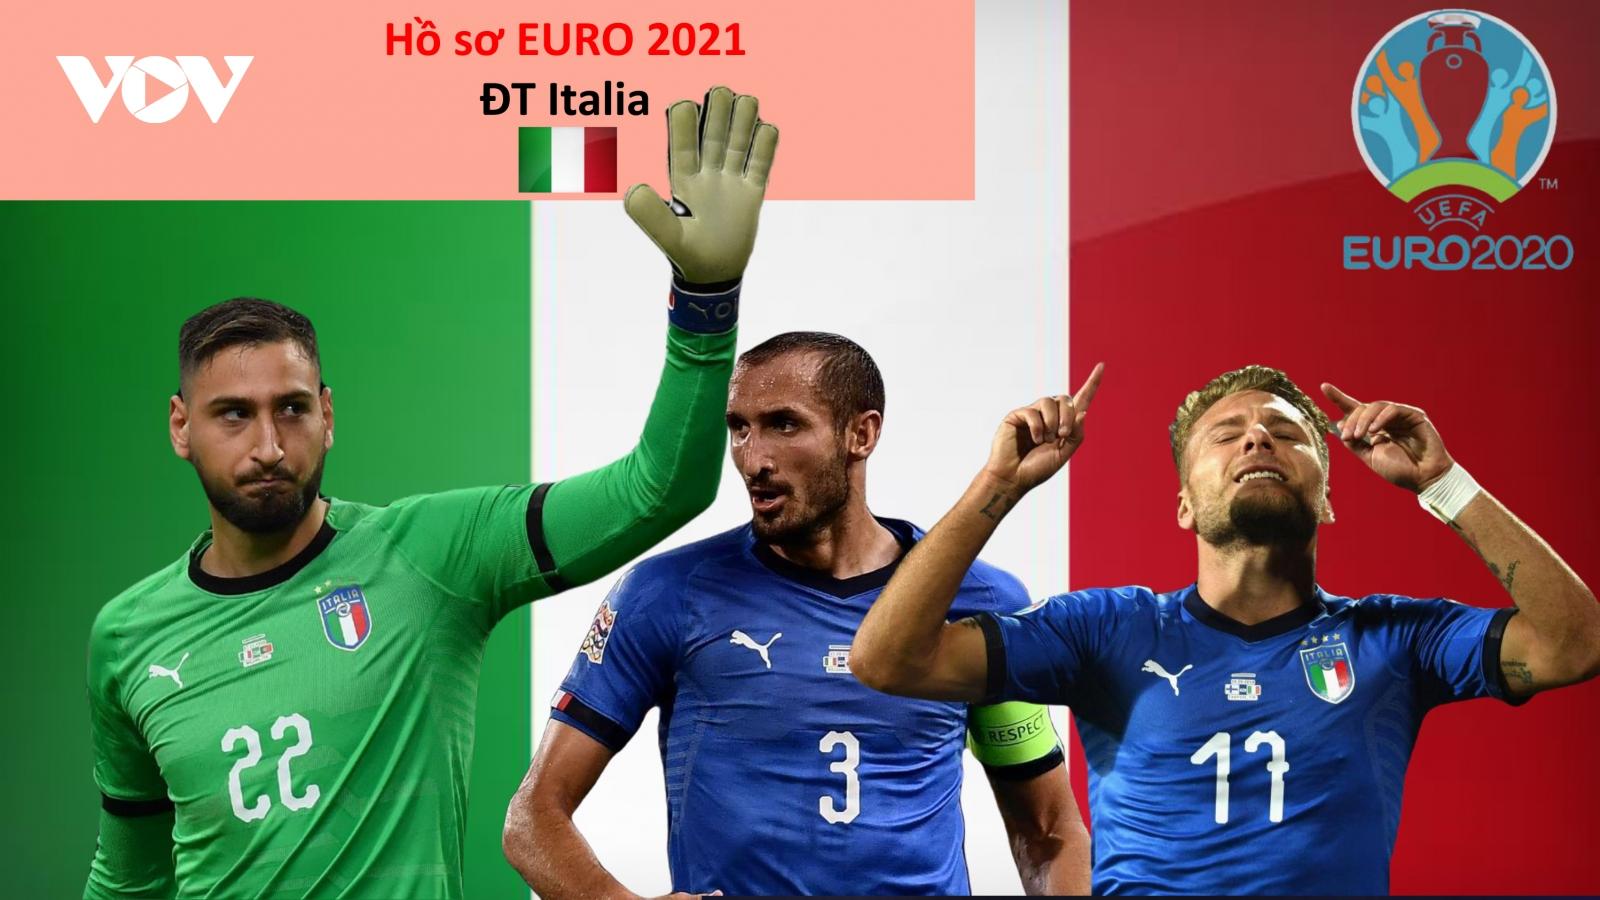 Hồ sơ các ĐT dự EURO 2021: Đội tuyển Italia